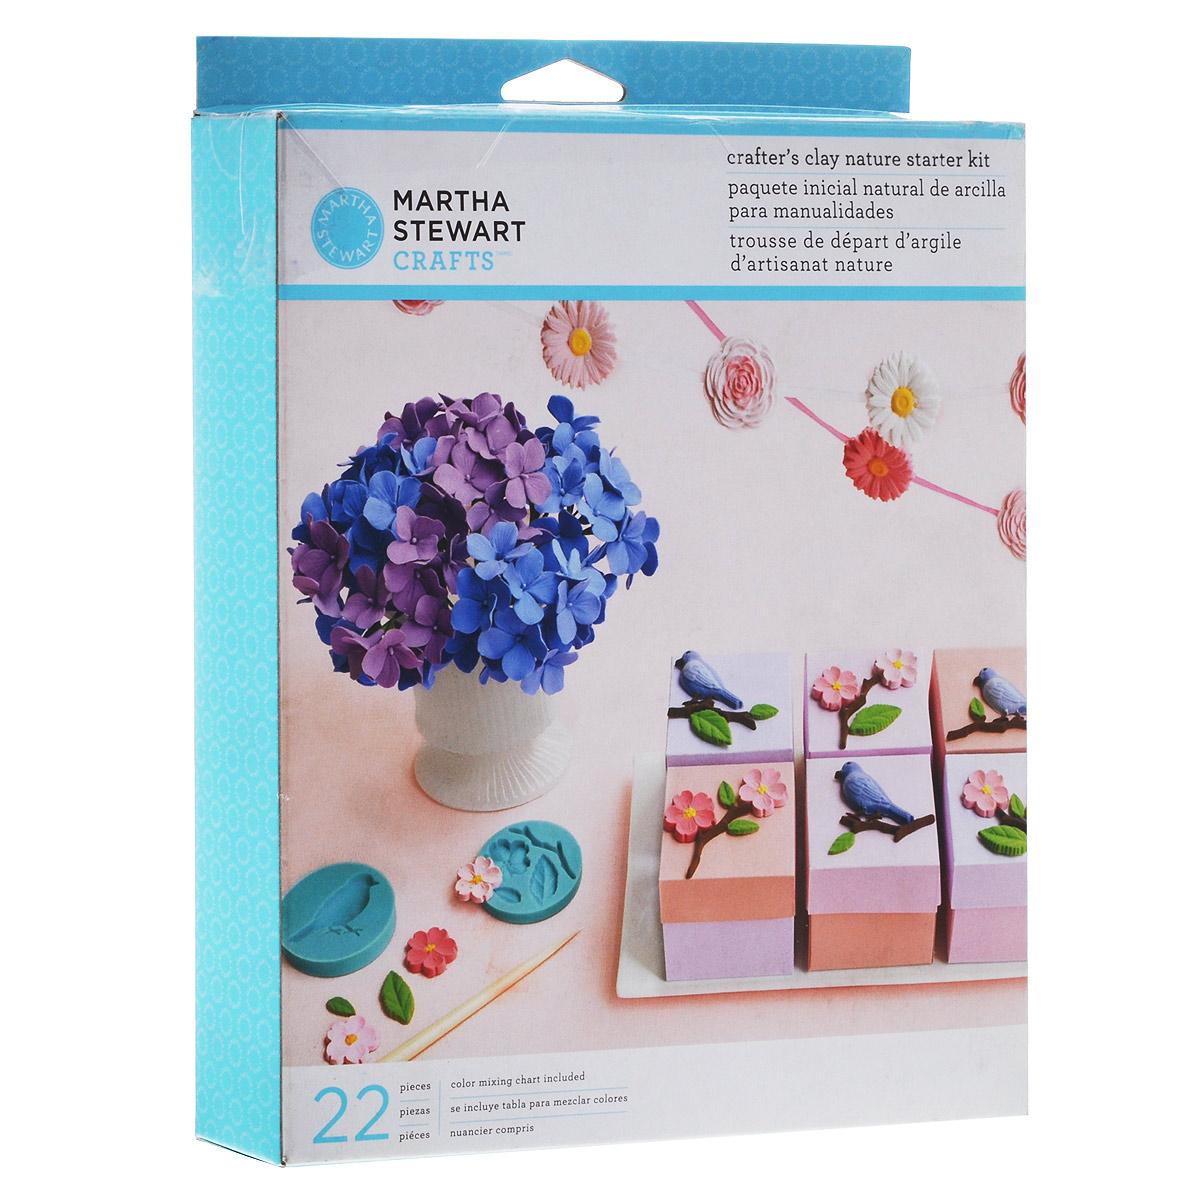 Набор полимерной глины для начинающих EKSuccess Tools ЦветыEKS-43-00001Набор для начинающих EKSuccess Tools Цветы содержит все, что нужно для создания декоративных украшений из полимерной глины. Глина не требует запекания, сохнет 24 часа, не токсична. После сушки изделие можно красить, либо покрыть герметиком, лаком, закрепителем. Набор EKSuccess Tools Цветы содержит: - глина 5 цветов (желтый, красный, синий, коричневый, белый), - пластиковые стеки: 2 шт, - силиконовые формы: 4 шт (с изображением 2 цветков, листьев, птицы), - цветочная лента, - цветочная проволока, - инструкция по лепке гортензии из полимерной глины (на русском языке). Вес глины в наборе: 125 г.